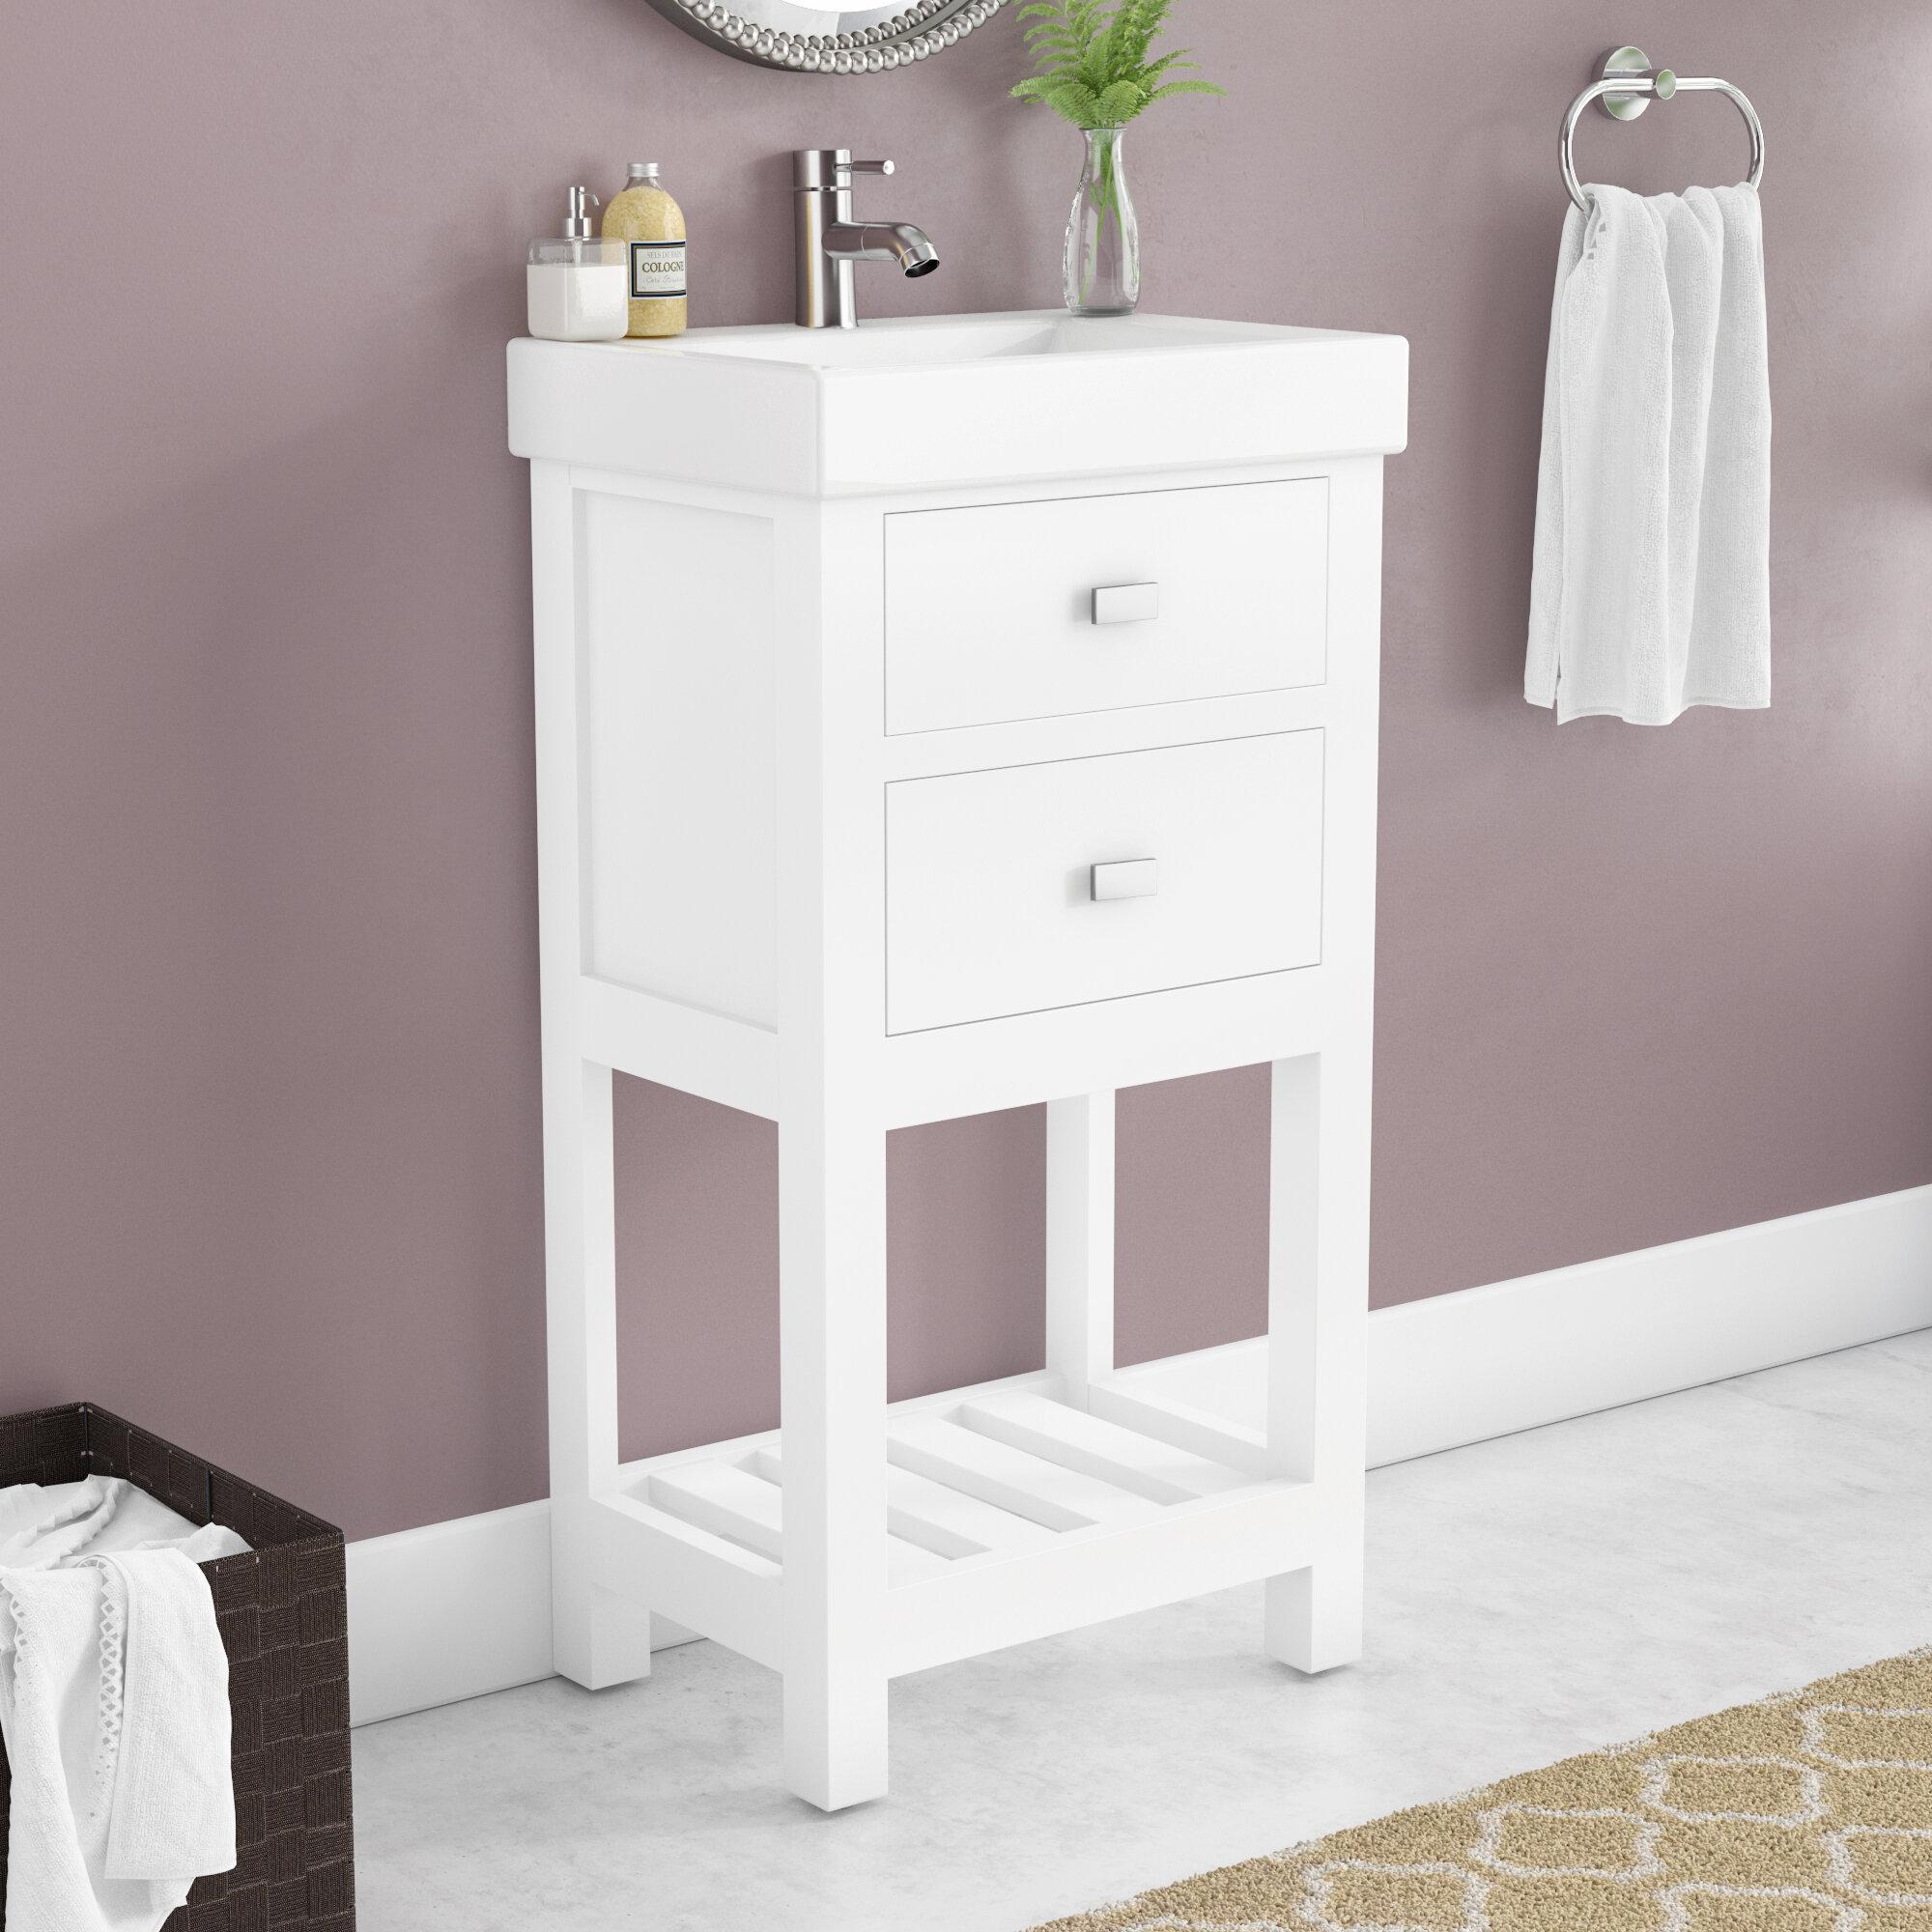 Zipcode Design Knighten 18 Single Bathroom Vanity Set Reviews